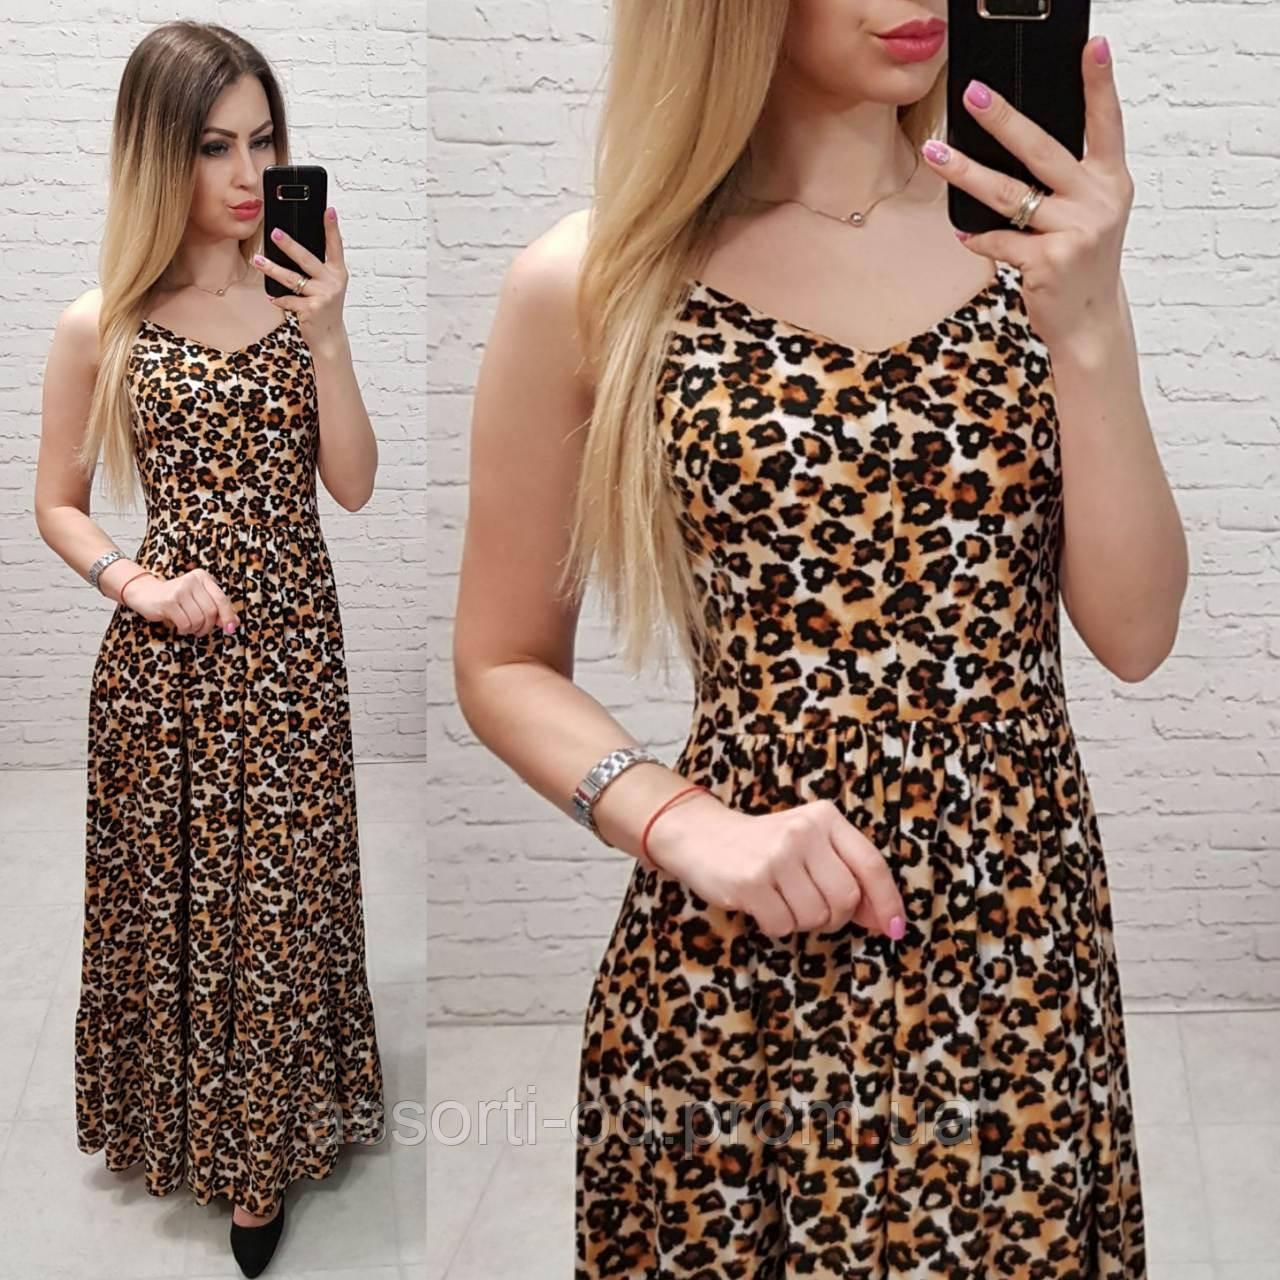 678e759132976 Модный женский сарафан в пол! Арт 0162, цена 500 грн., купить в ...